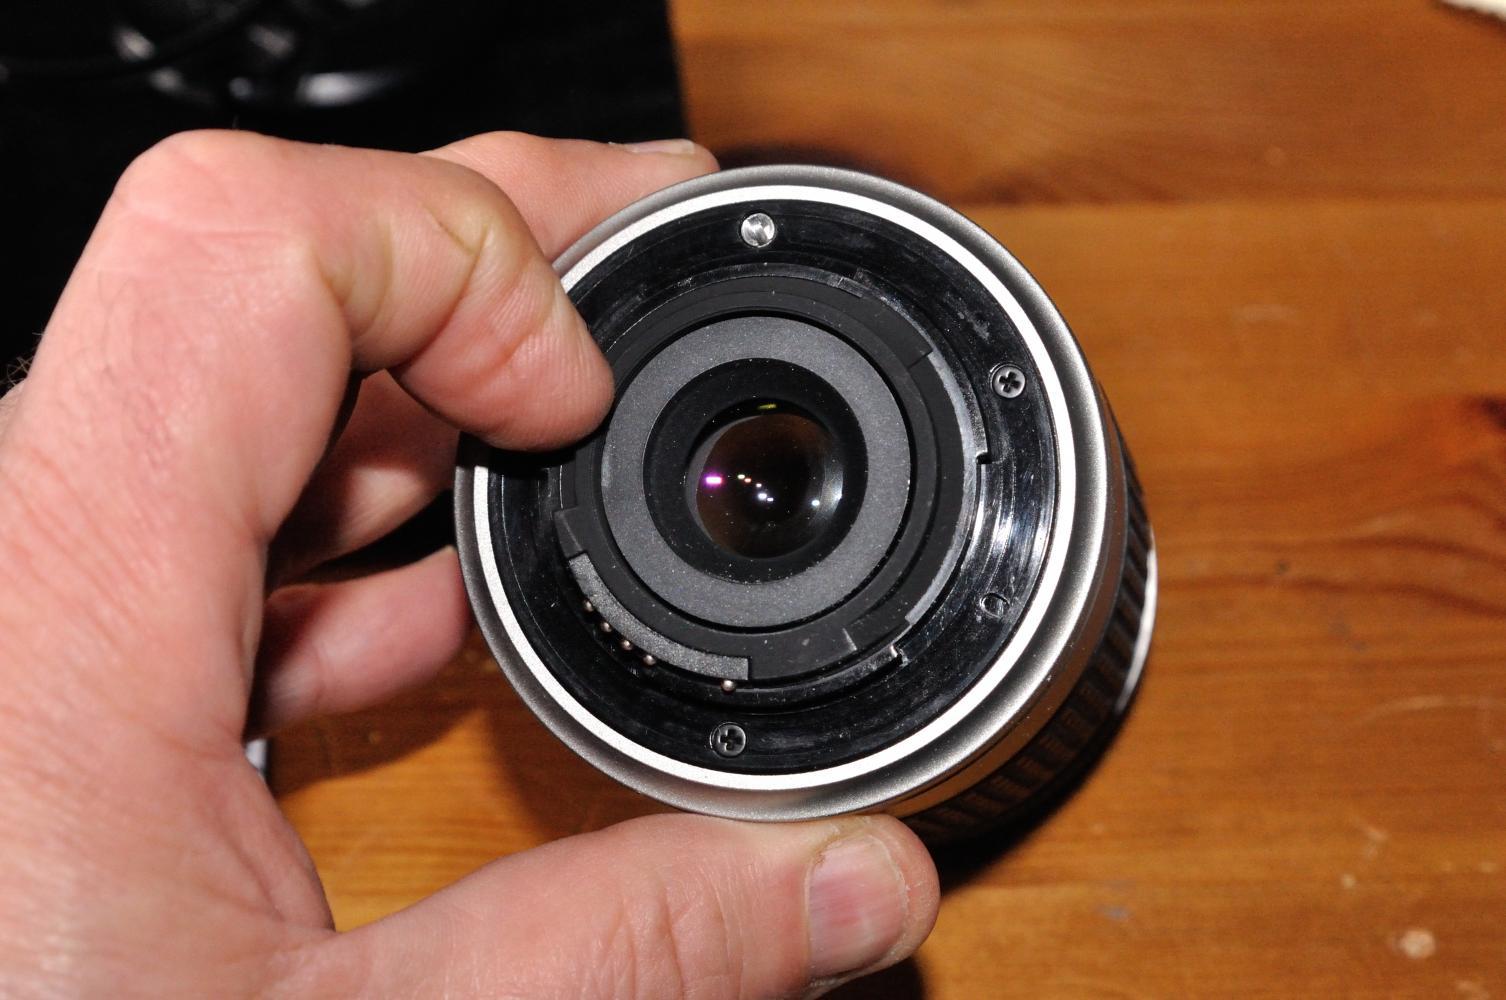 Af Nikkor 28 100mm F135 56g F Mount Lenses Nikon Lens 105mm 28g If Ed Dx Fisheye Attached Image Nikkor28 100 04